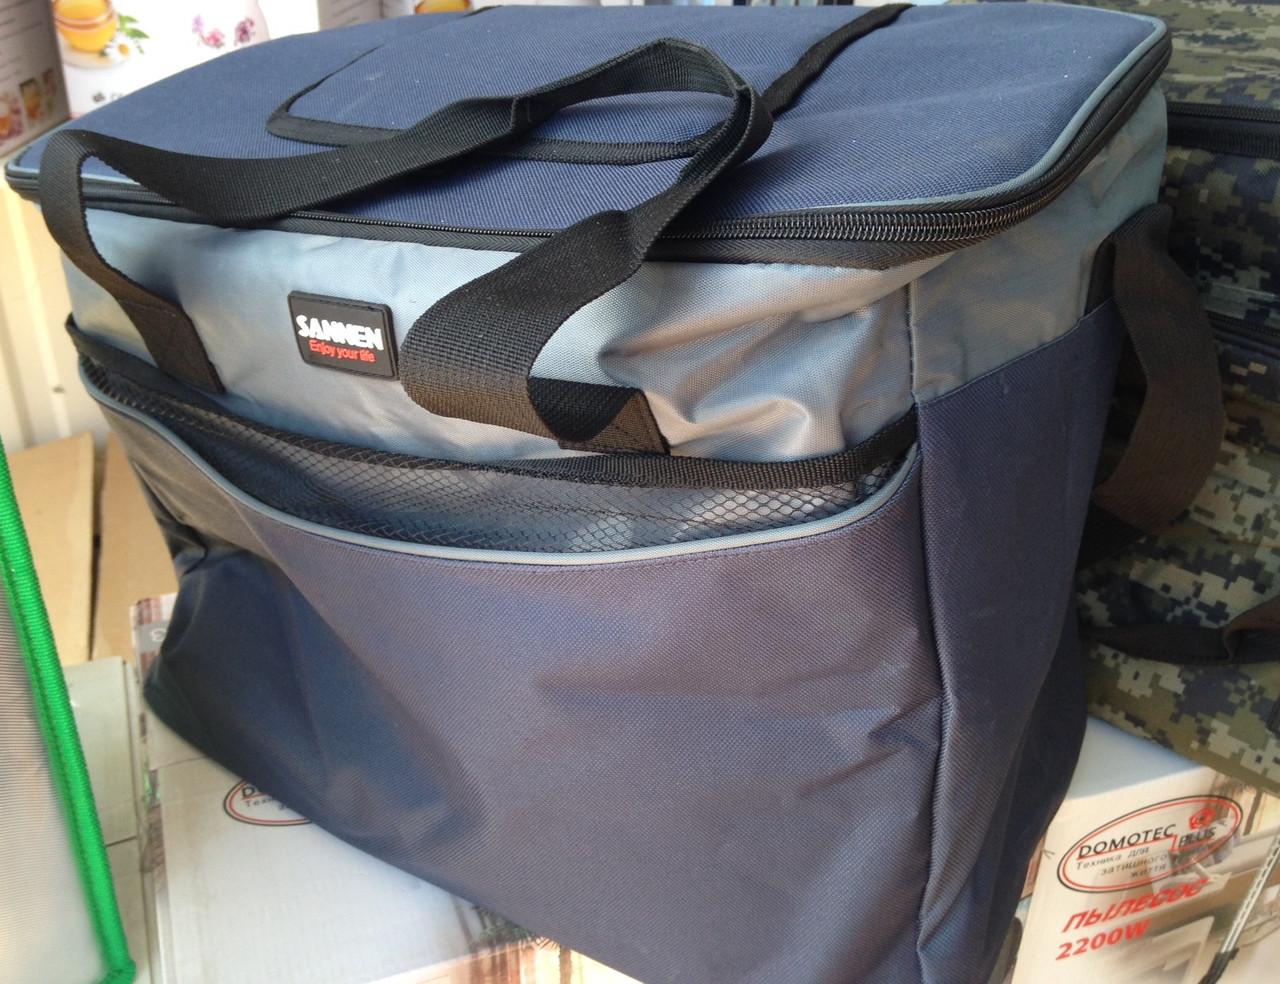 Изотермическая сумка холодильник, термосумка COOLING BAG CL 1302 / 1289-1, 35л + Аккумулятор в подарок!!!* - Plus в Одессе